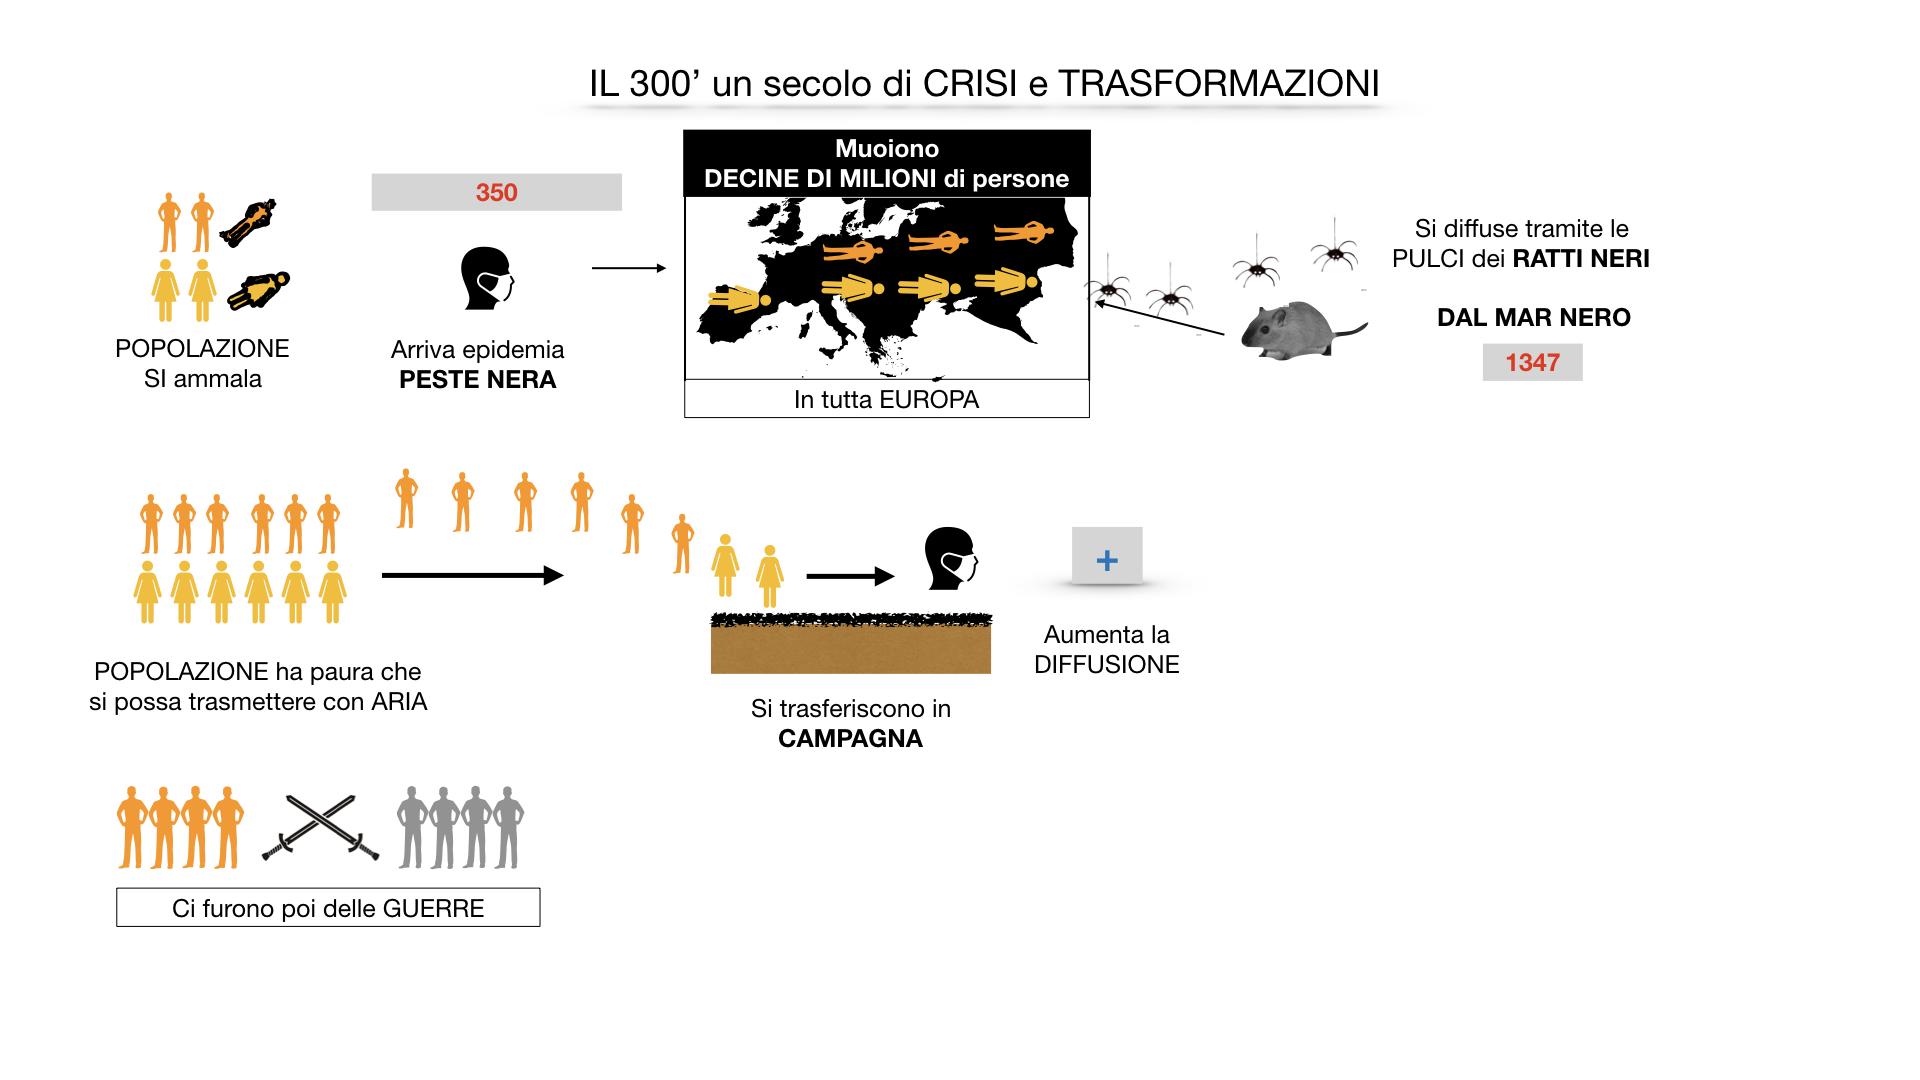 il 300 crisi e trasformazioni_ SIMULAZIONE.026